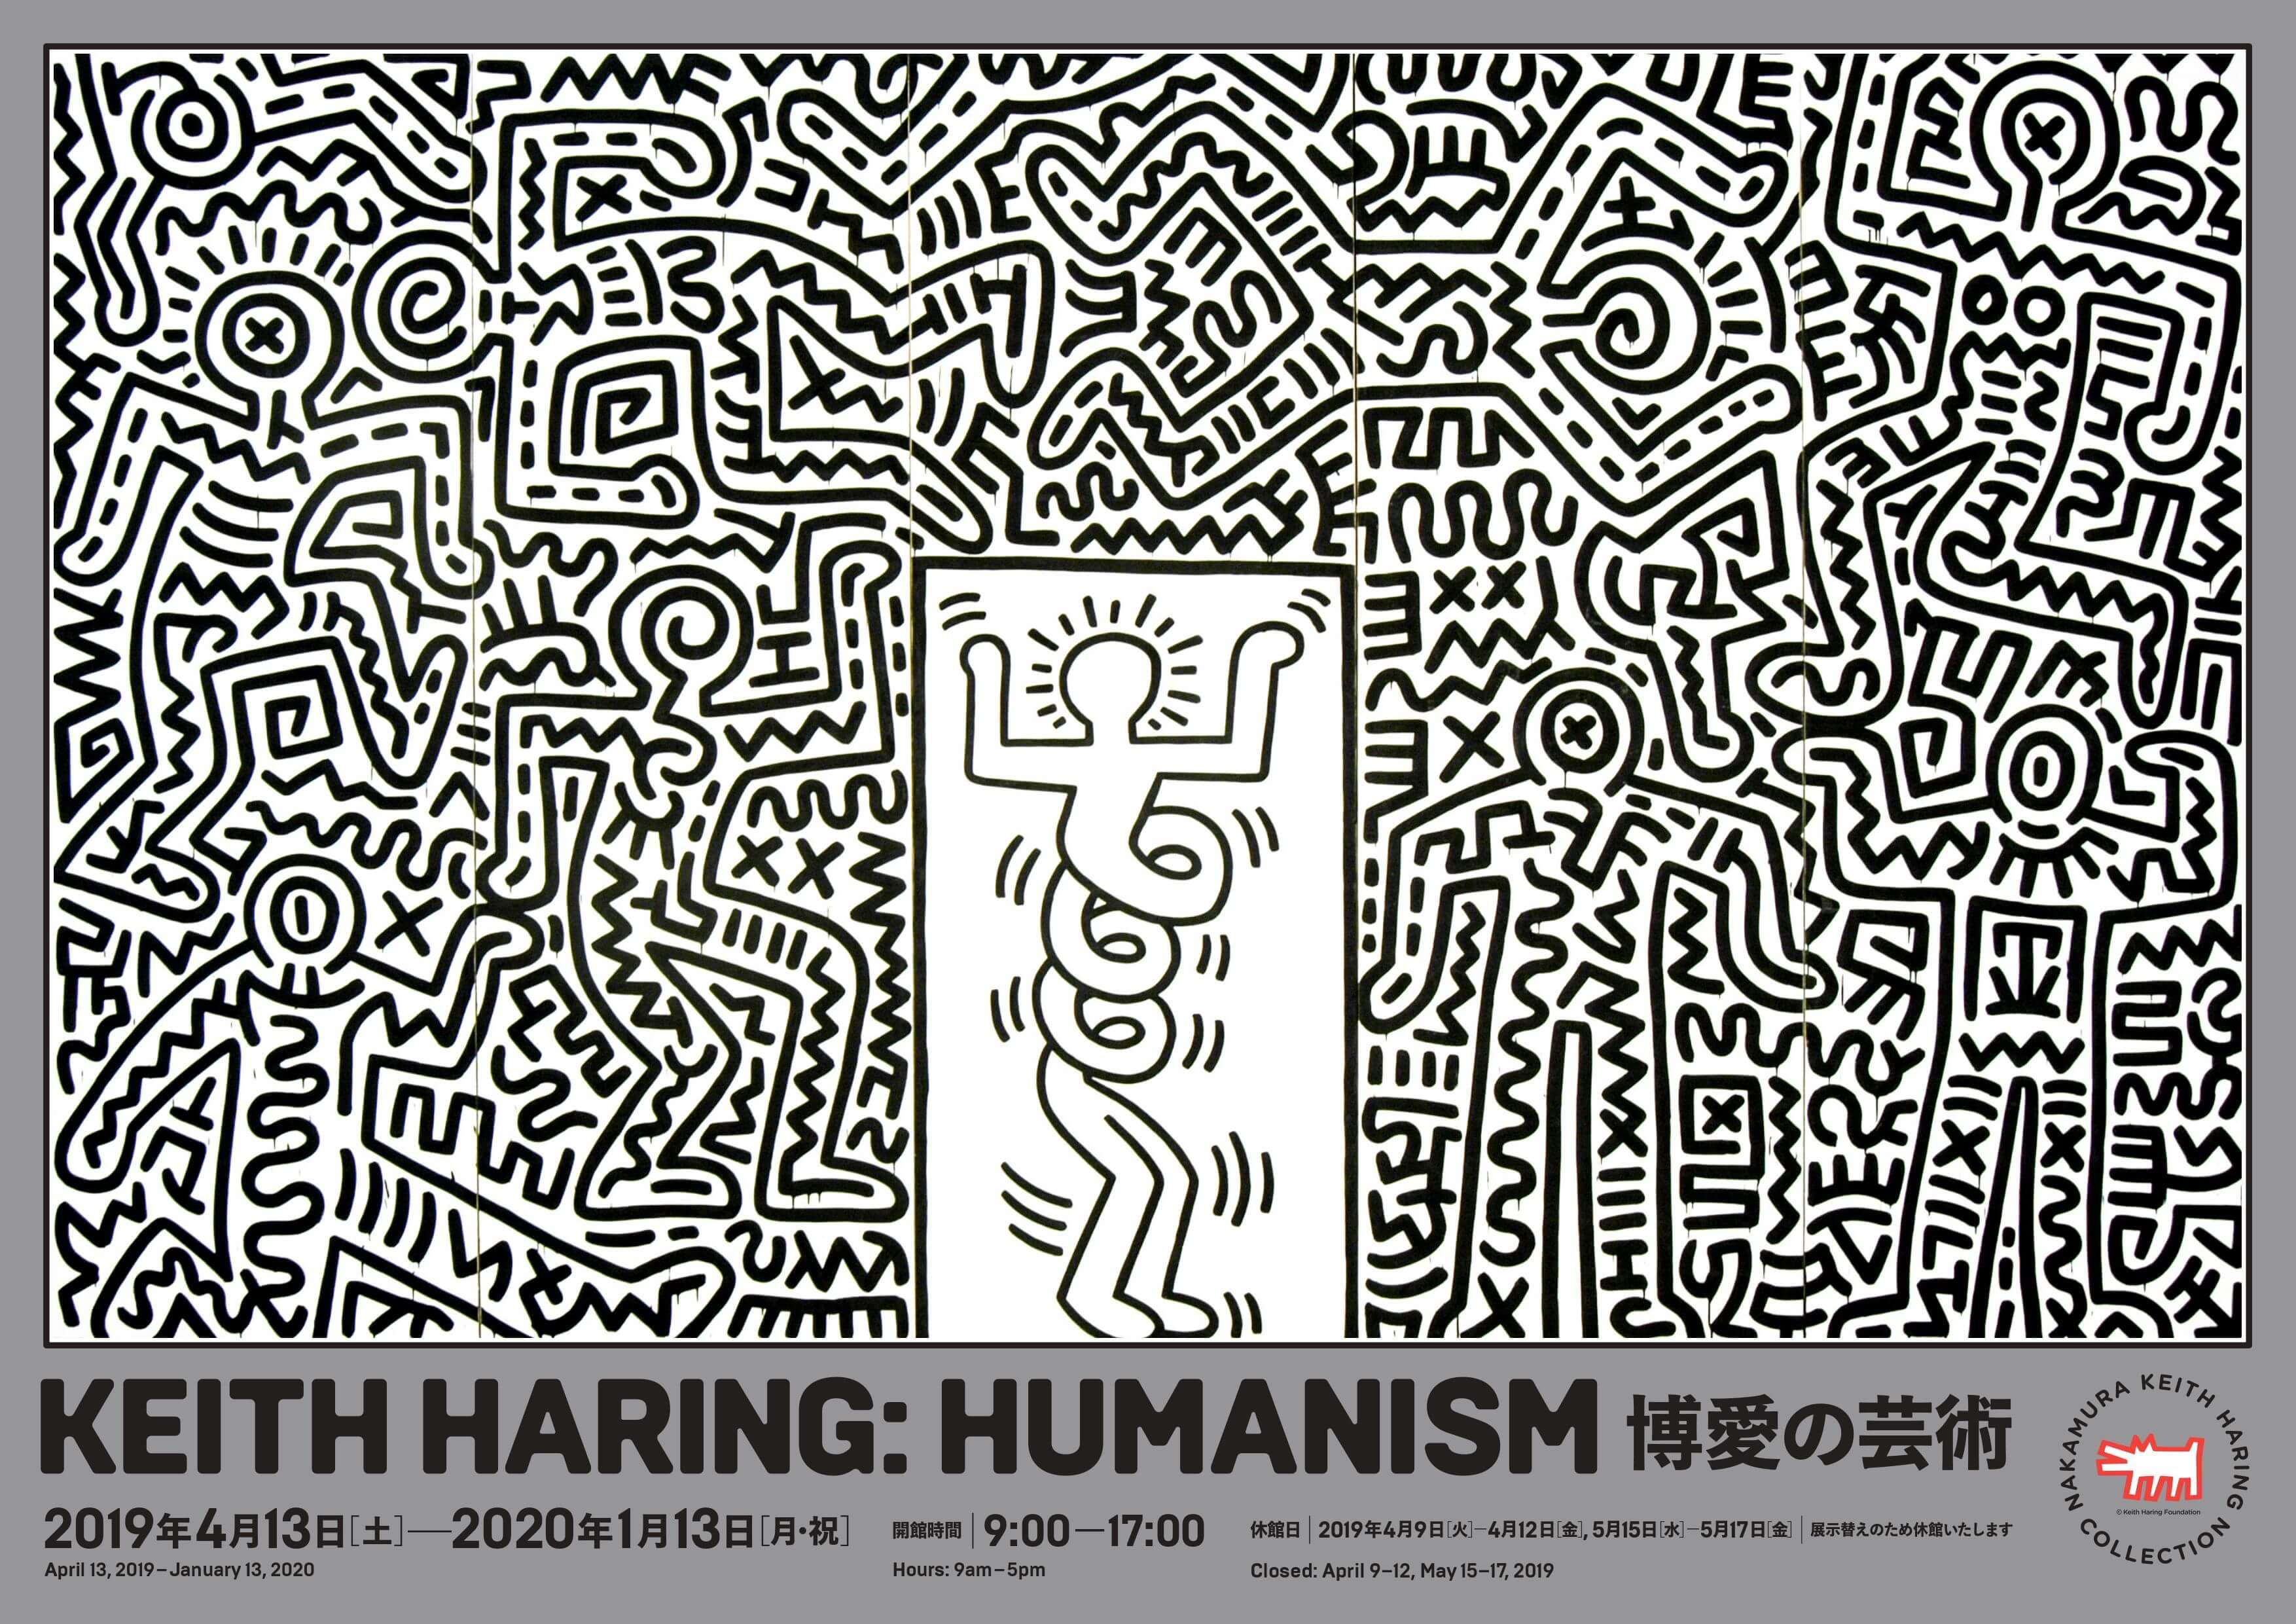 2019年度コレクション展|Keith Haring: Humanism -博愛の芸術-